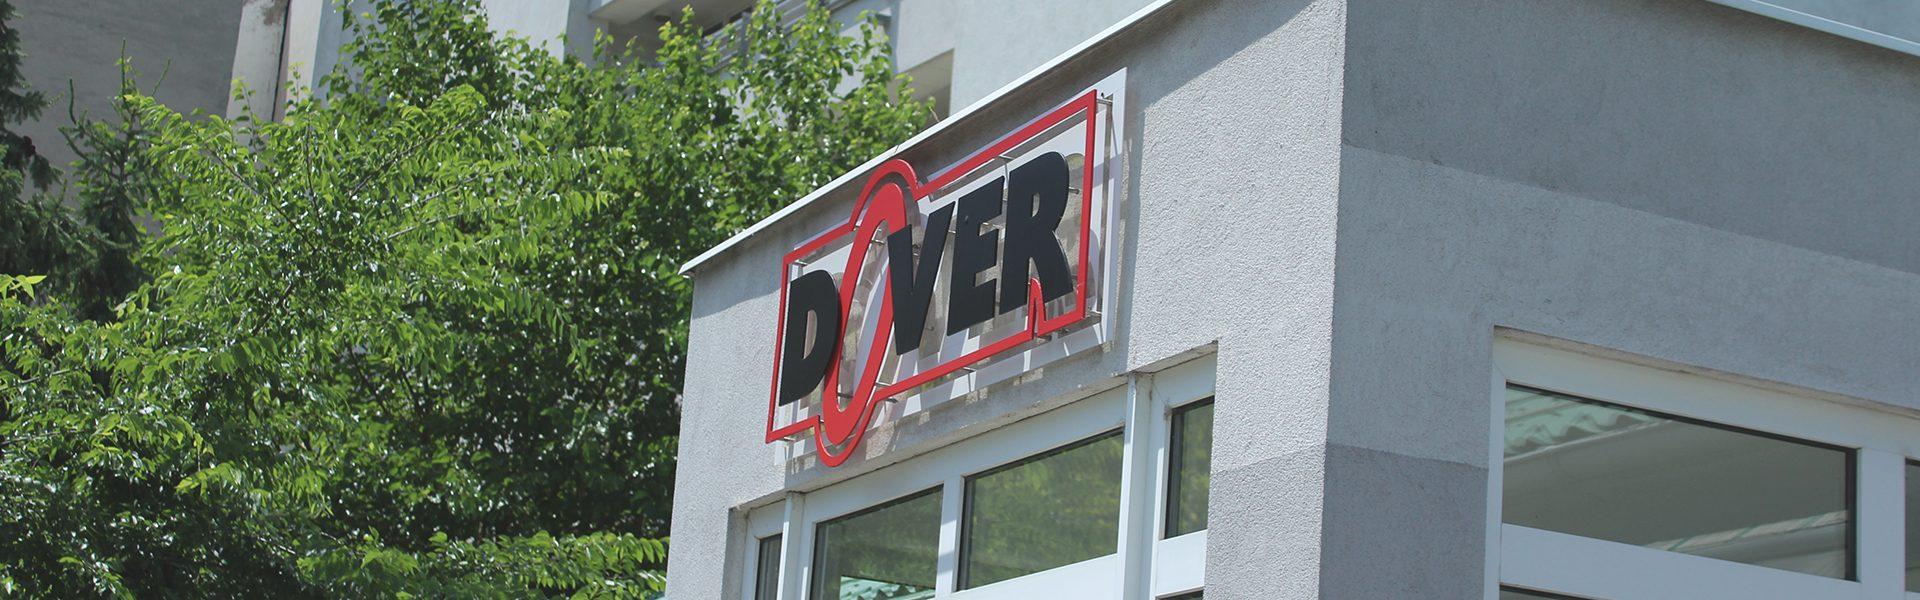 Dover Kft. főbejárat